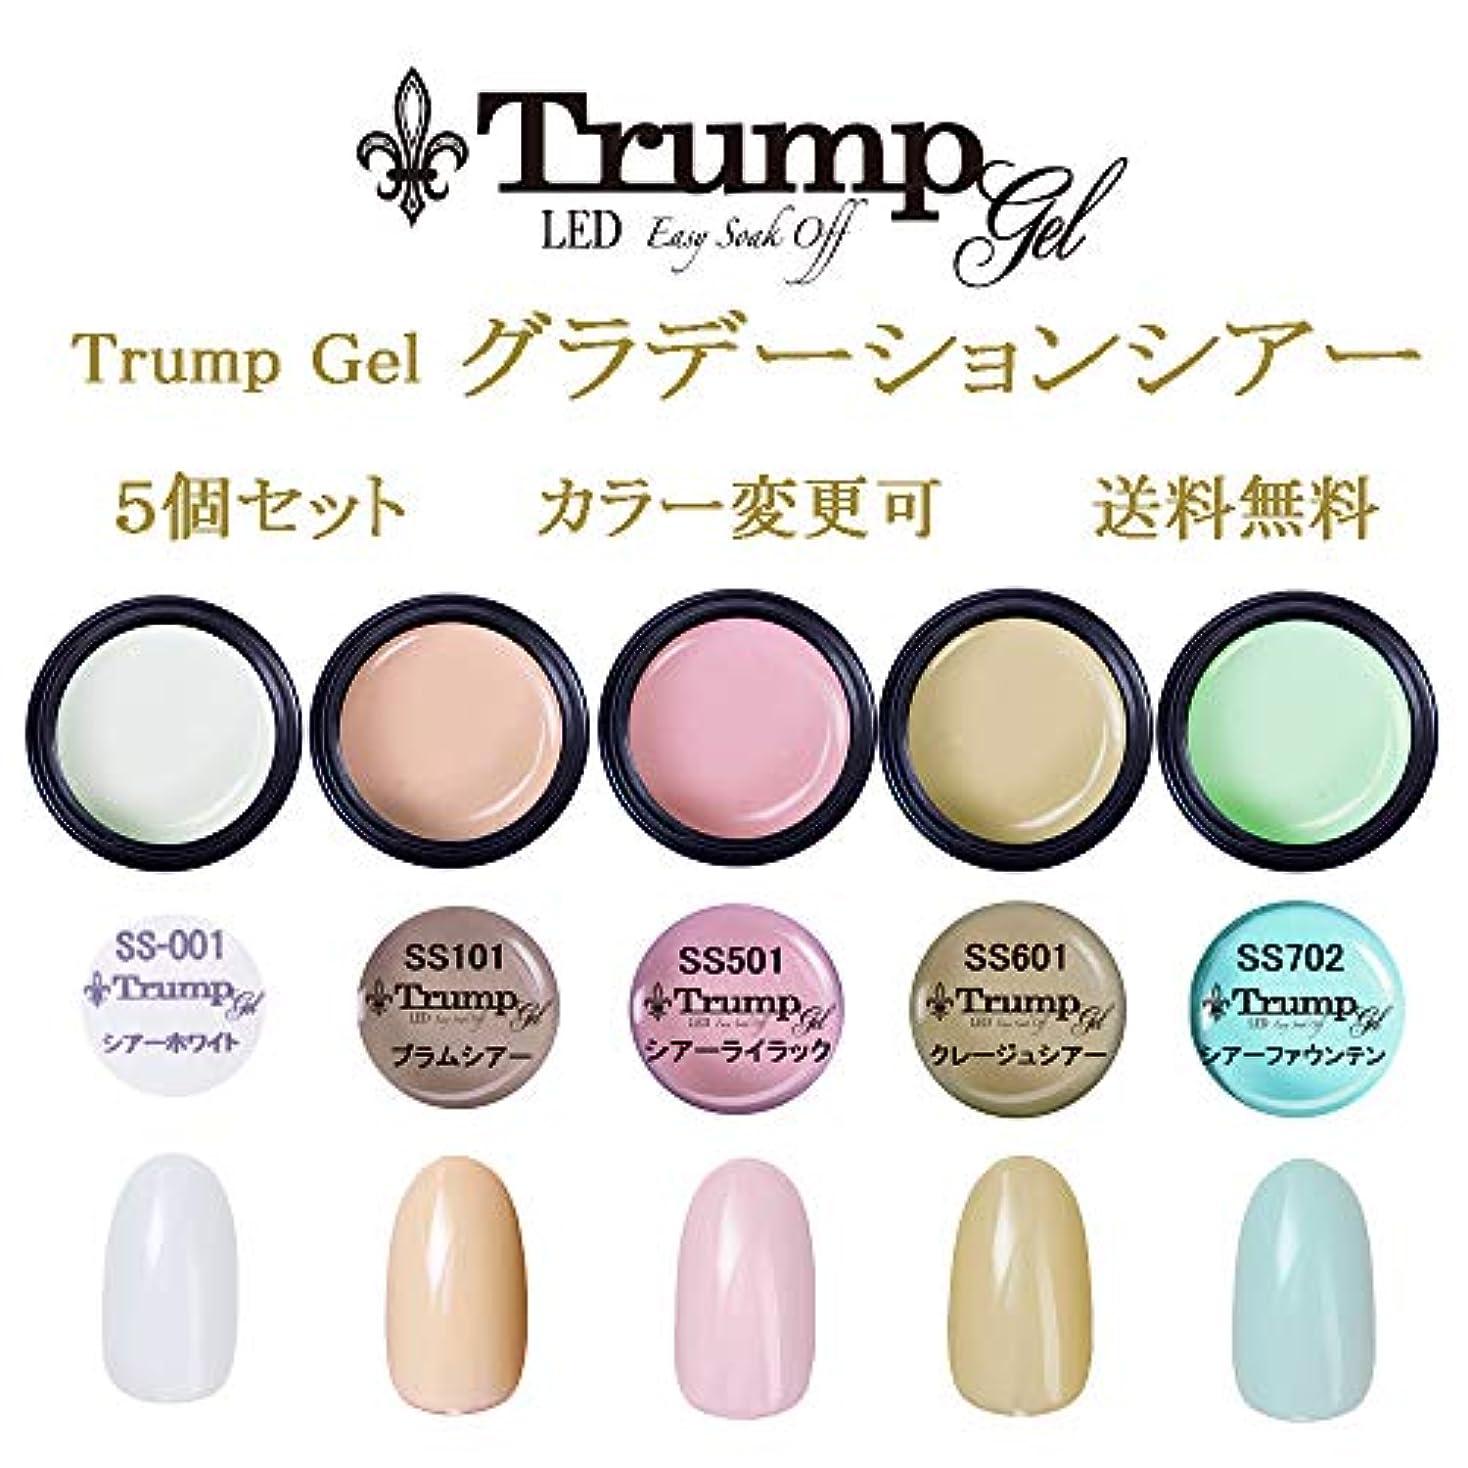 くそーテラスマニュアル日本製 Trump gel トランプジェル グラデーション シアーカラー 選べる カラージェル 5個セット ホワイト ベージュ ピンク イエロー ブルー